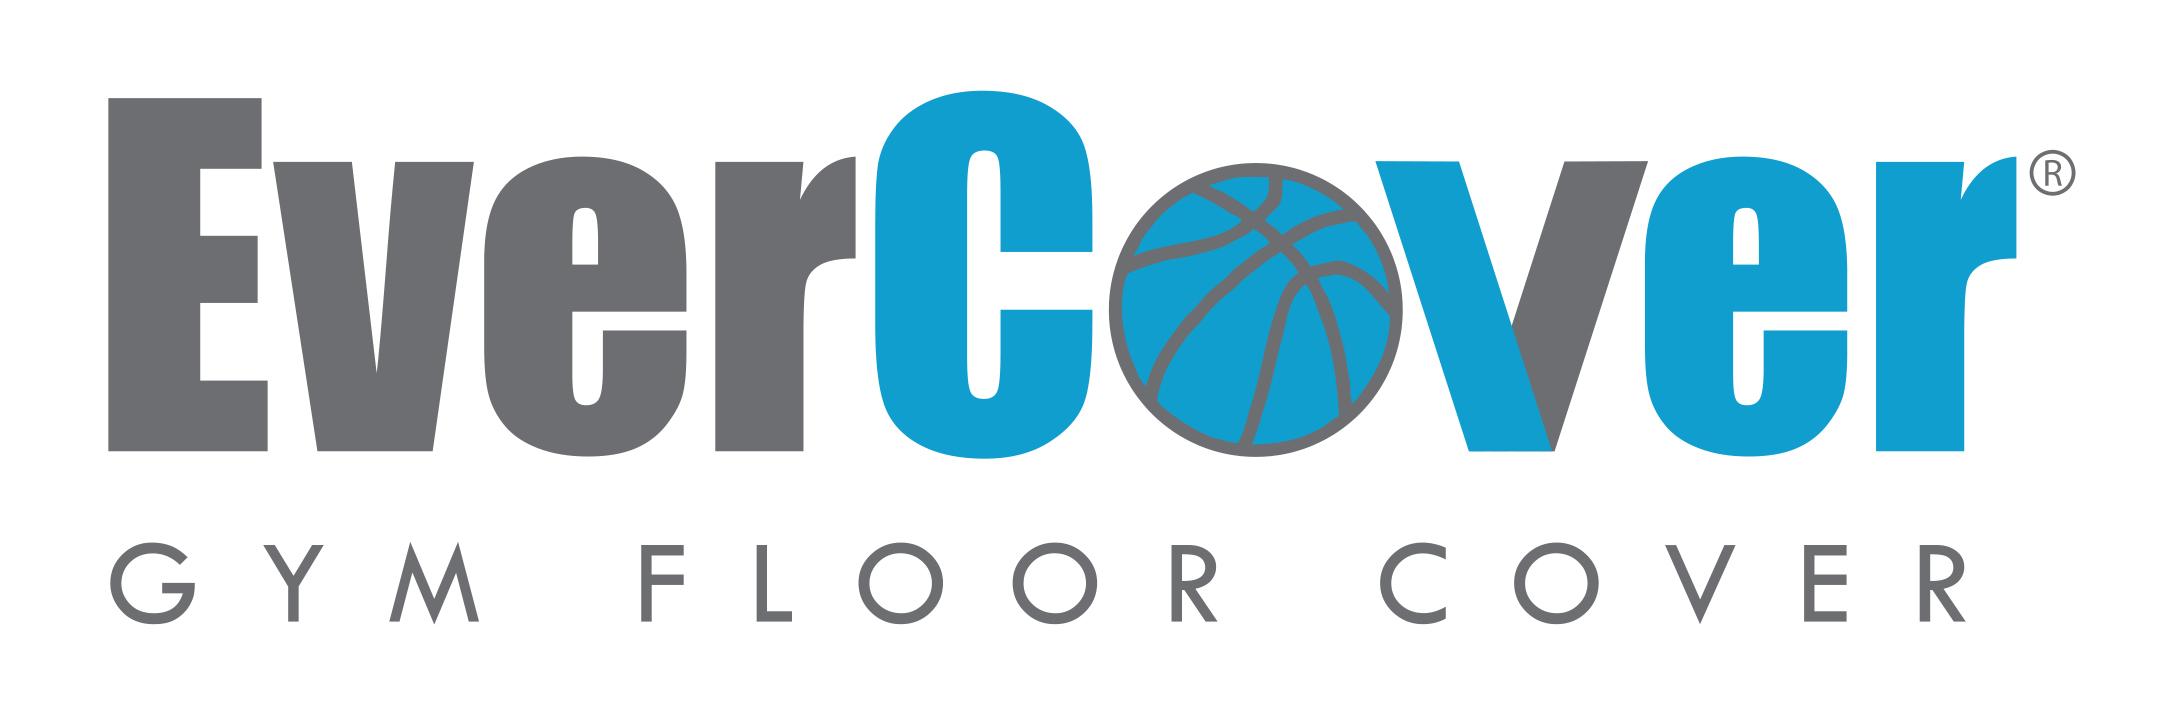 EverCover.jpg